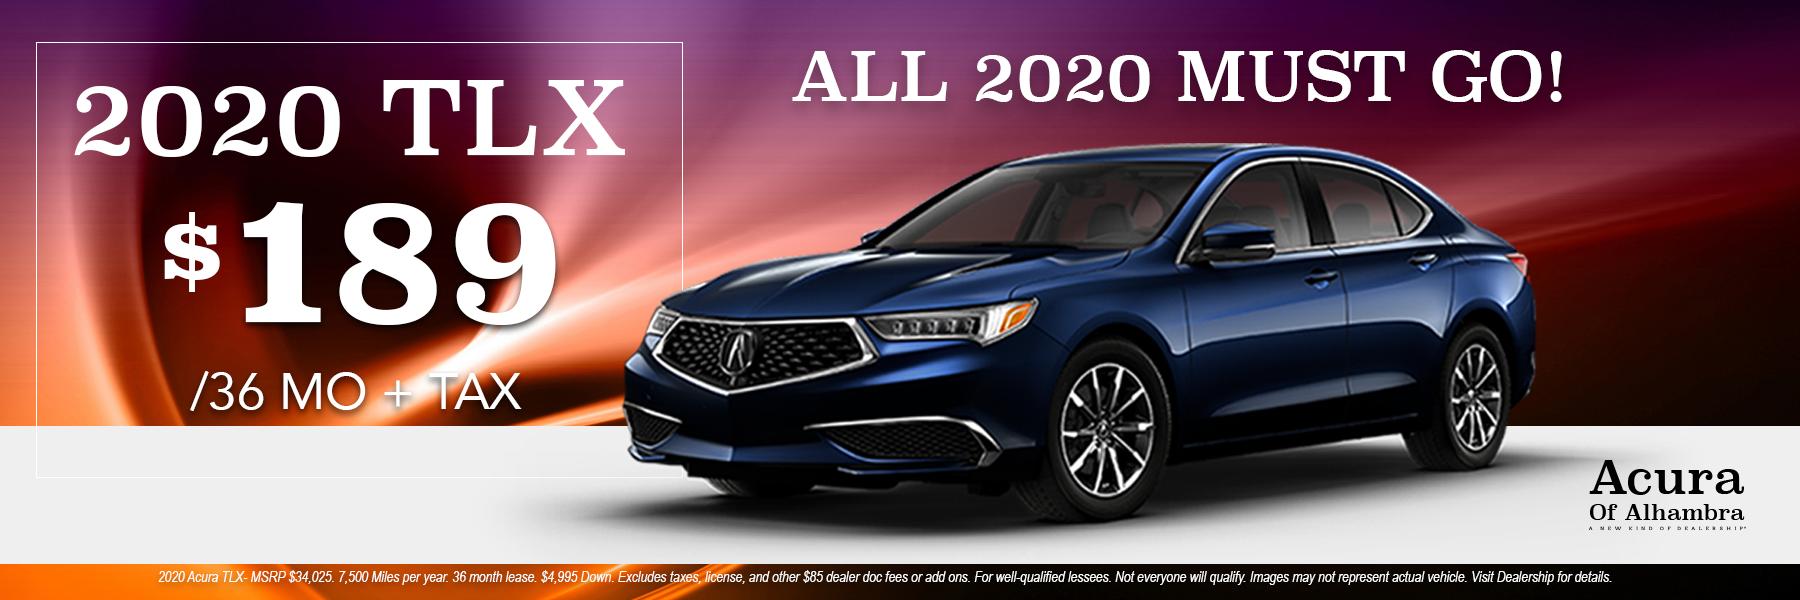 Web-Acura-TLX-JAN-2021(Rev)